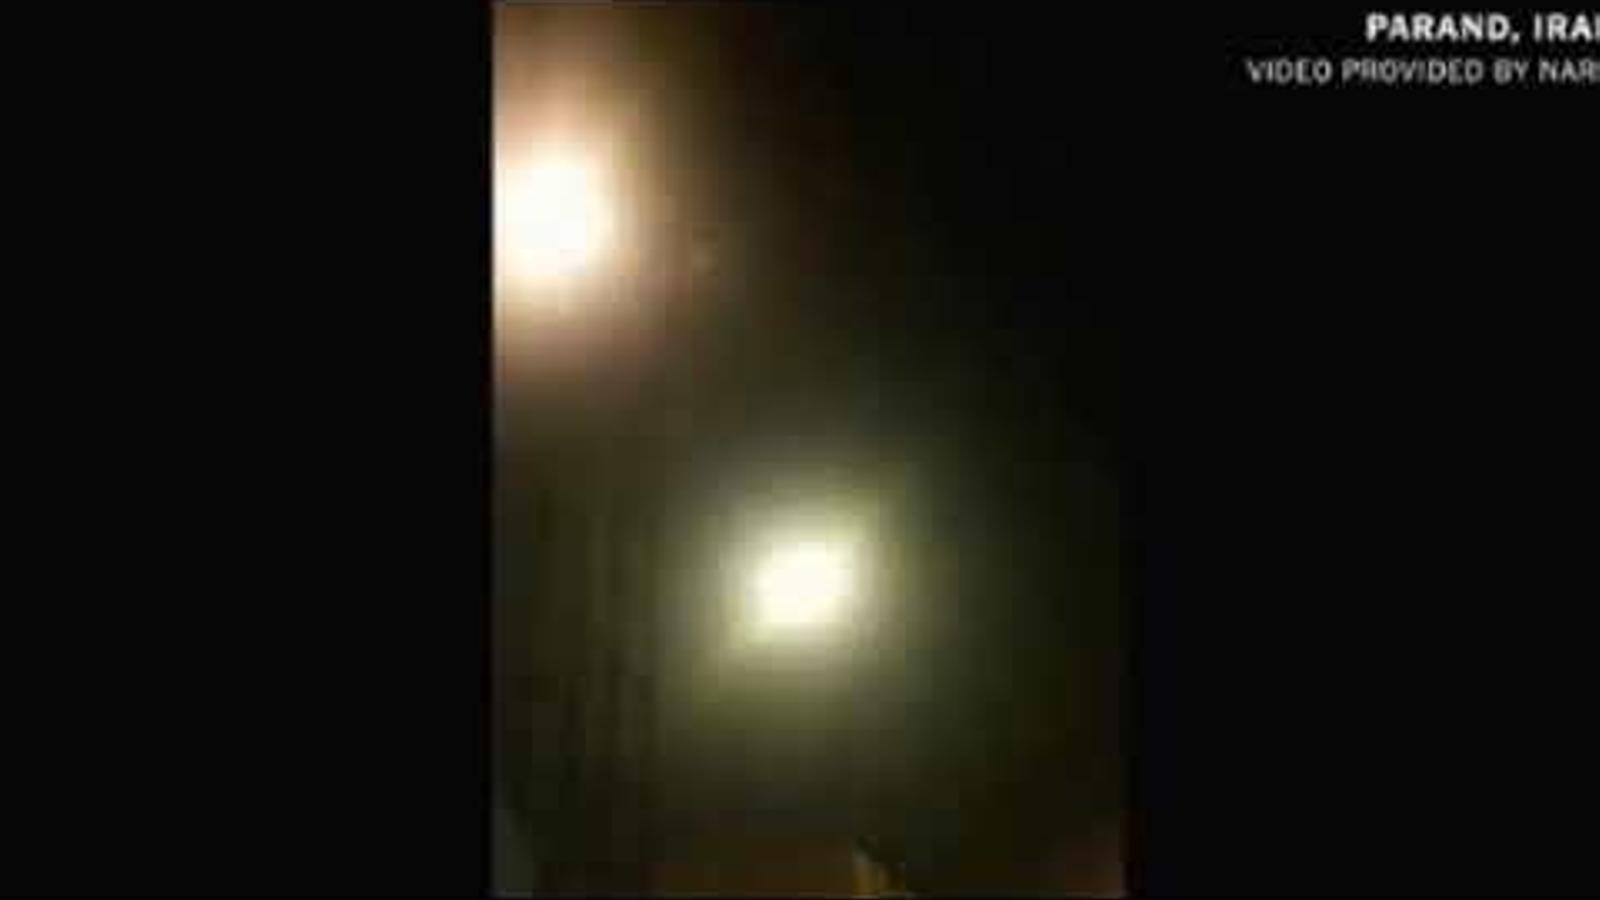 Vídeo en què suposadament el míssil iranià impacta contra el Boeing ucraïnès